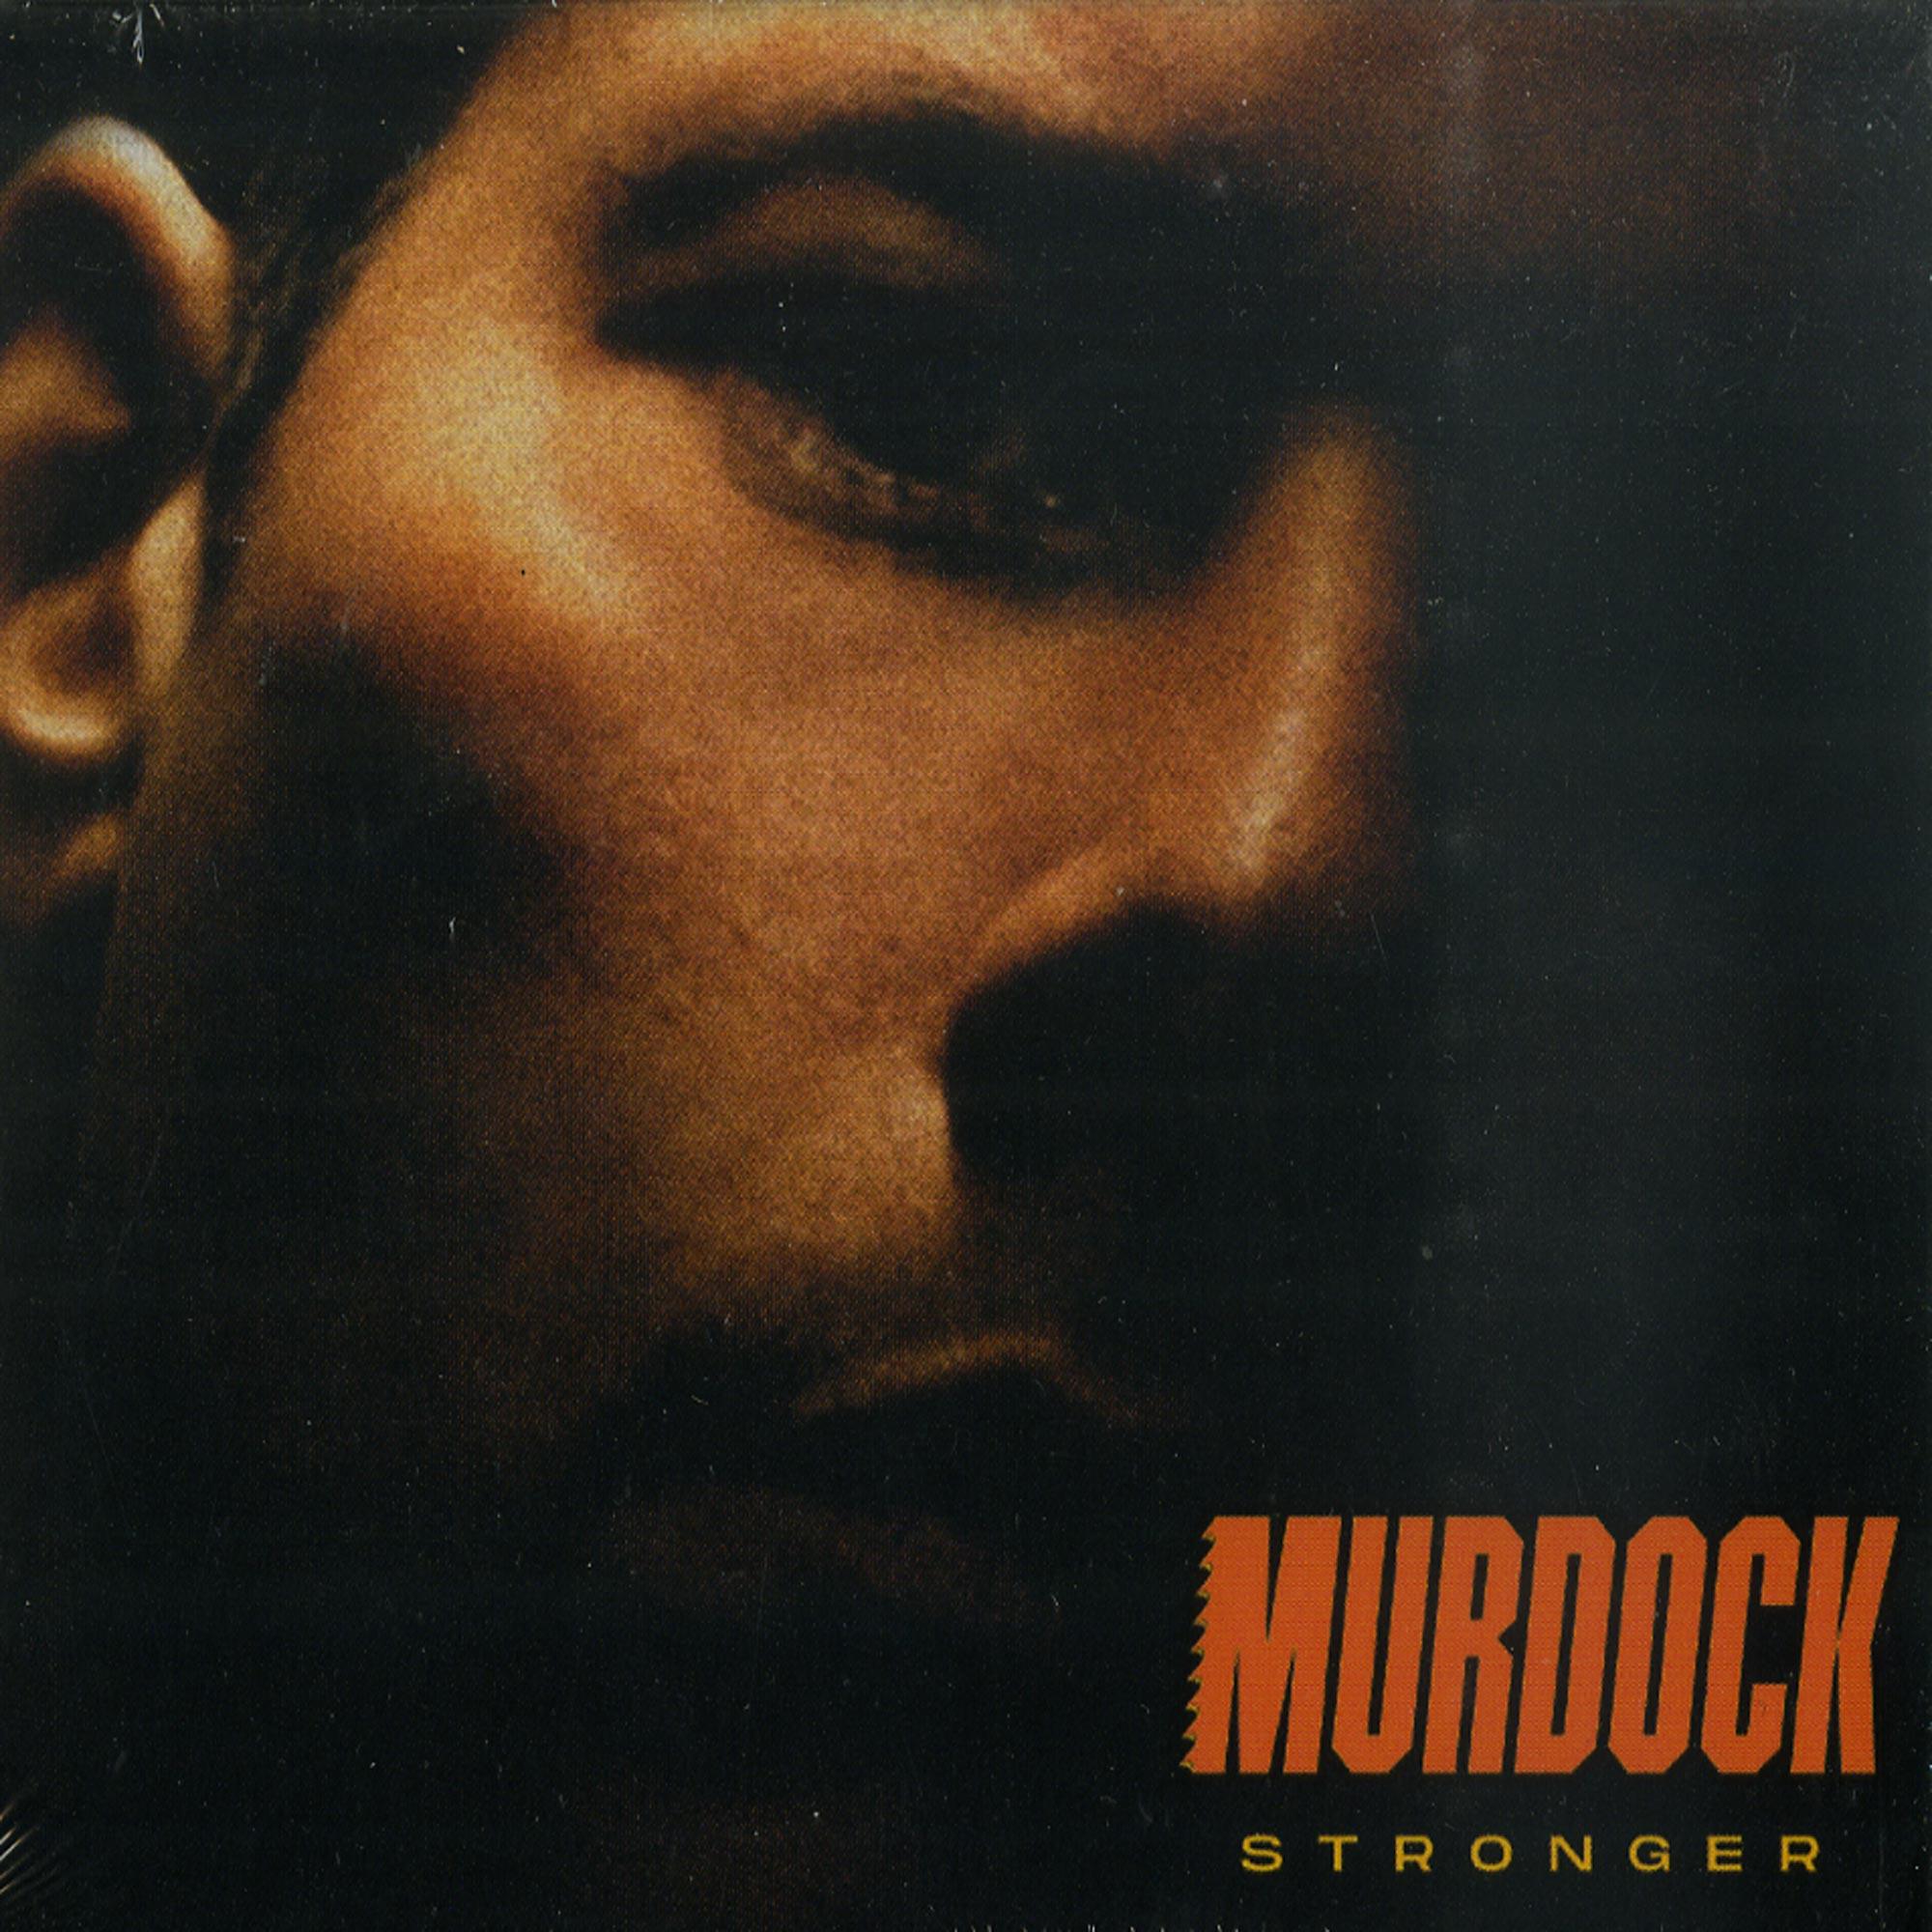 Murdock - STRONGER